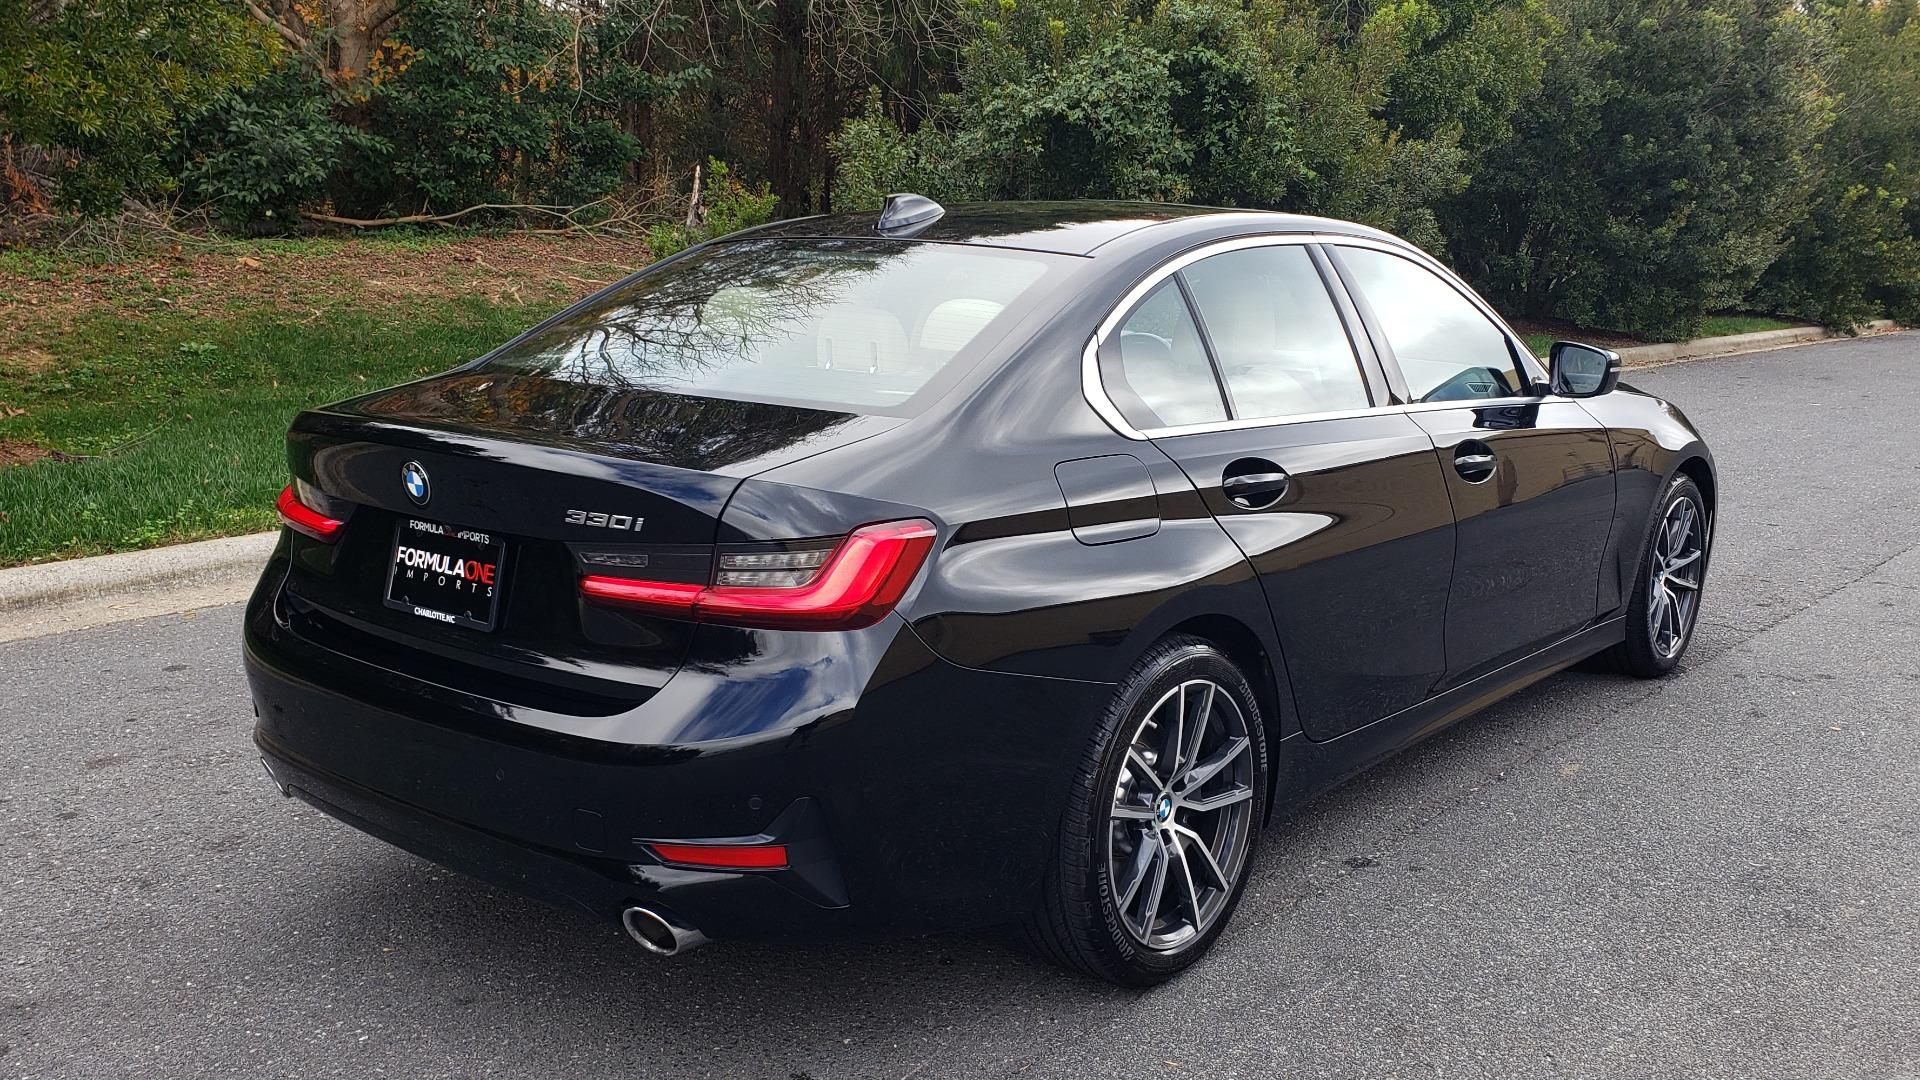 Used 2019 BMW 3 SERIES 330I PREM PKG / NAV / CONV PKG / H&K SND / LIVE COCKPIT PRO for sale Sold at Formula Imports in Charlotte NC 28227 7